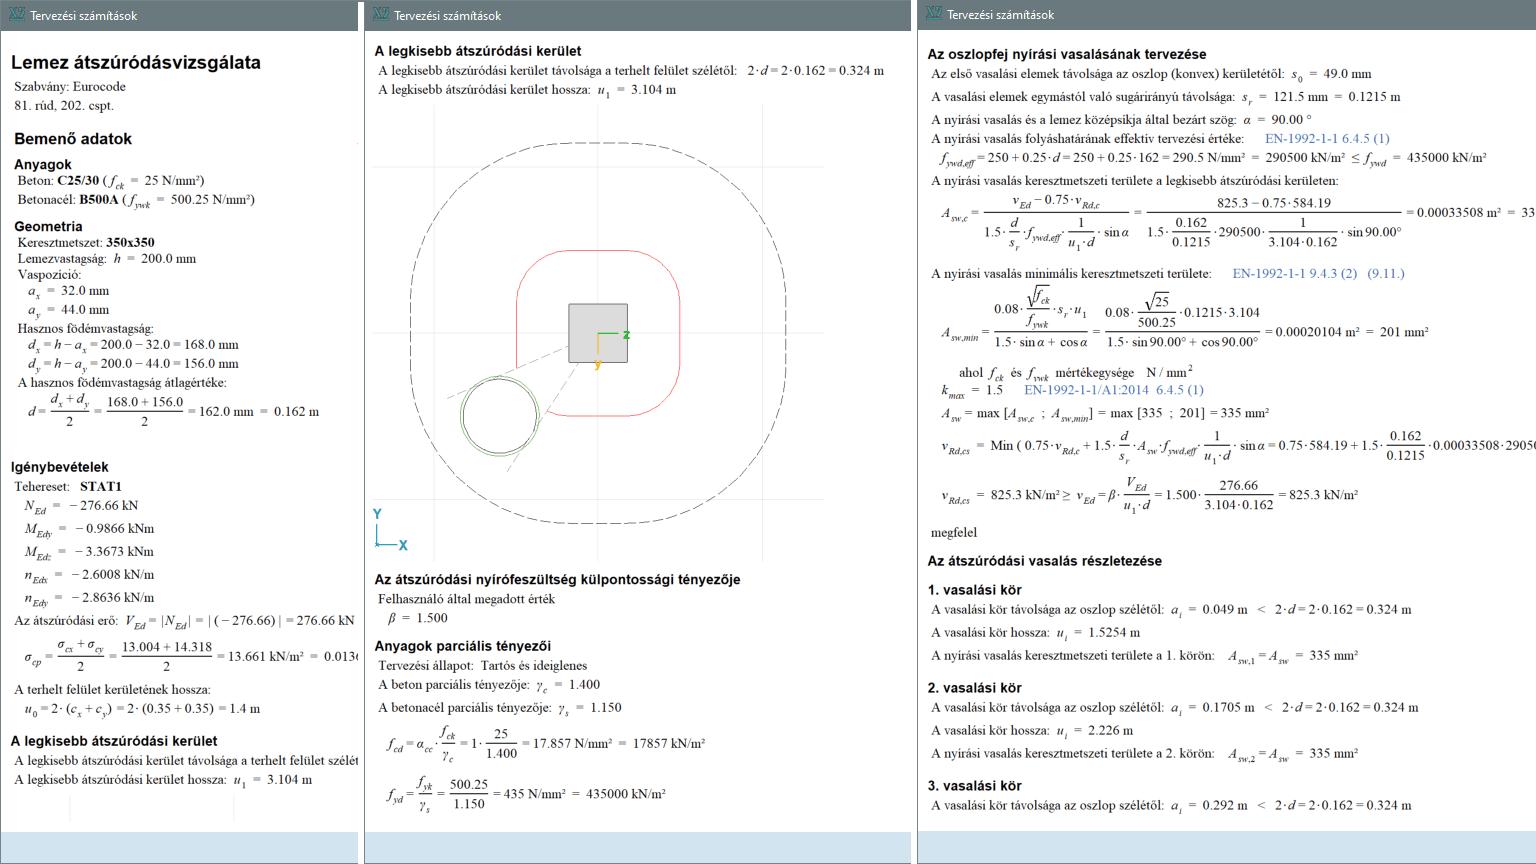 RC3 - részletes dokumentáció